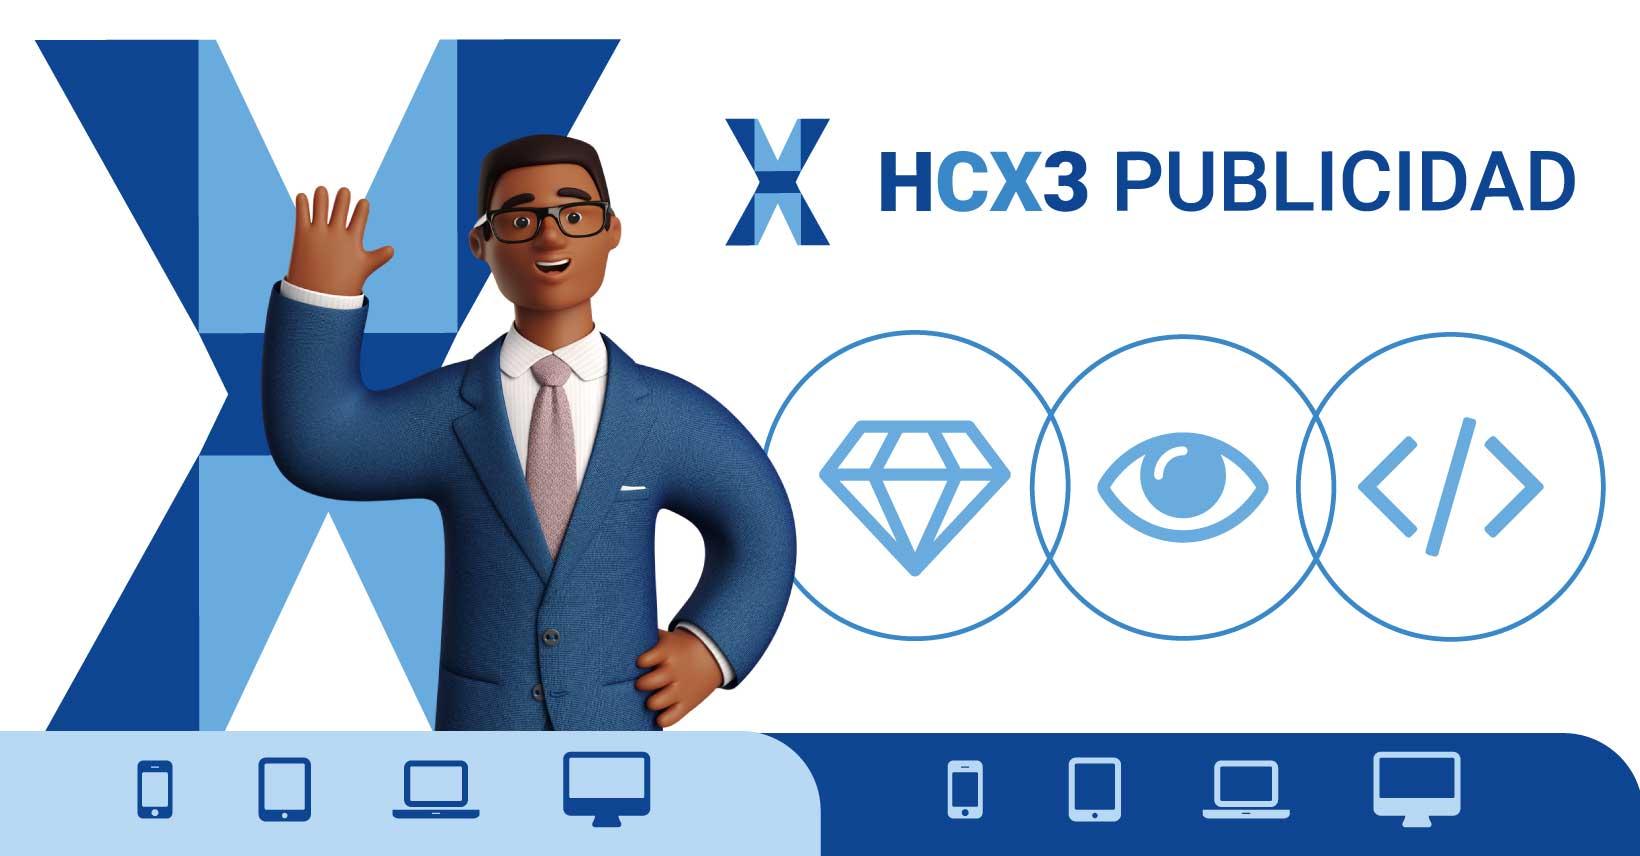 Páginas Web Para Nuevos Emprendedores - Páginas Web Bogotá 2021